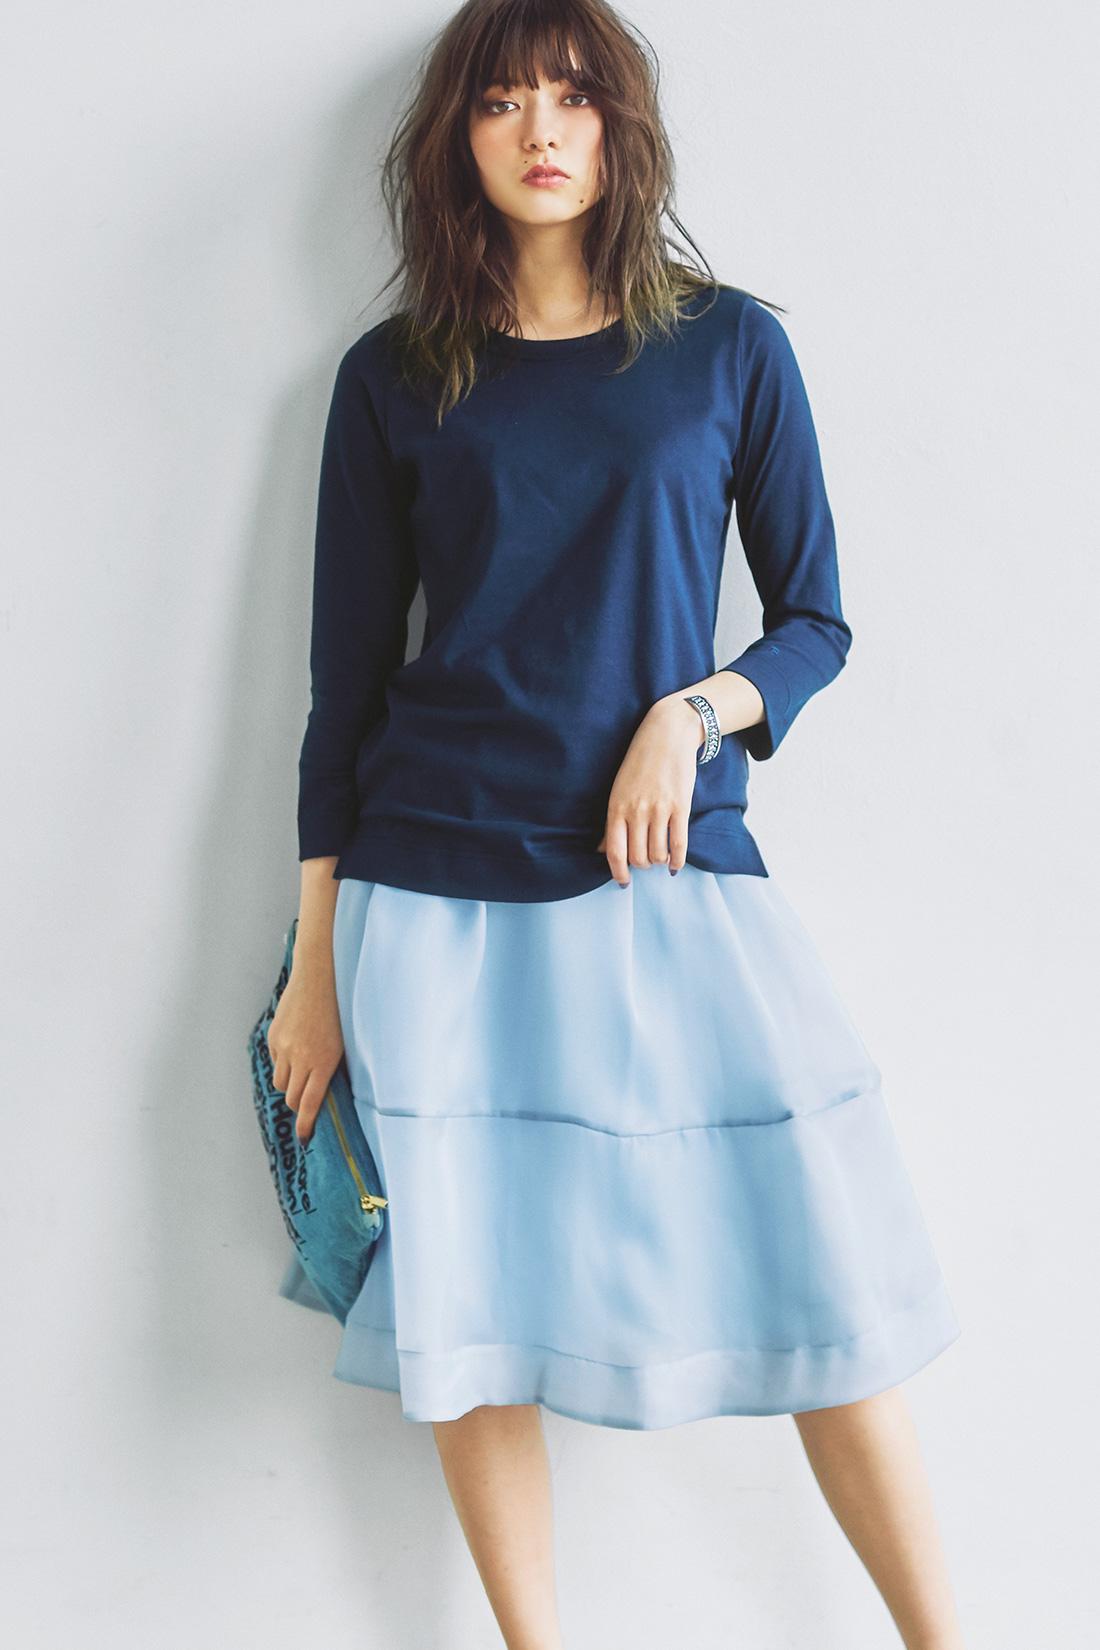 何枚でも欲しくなるベーシックなTシャツは、フェミニンなスカートに重ねたエフォートレスコーデが気分。アーバンモードな小物を選んで全体をモードに引き締めて。